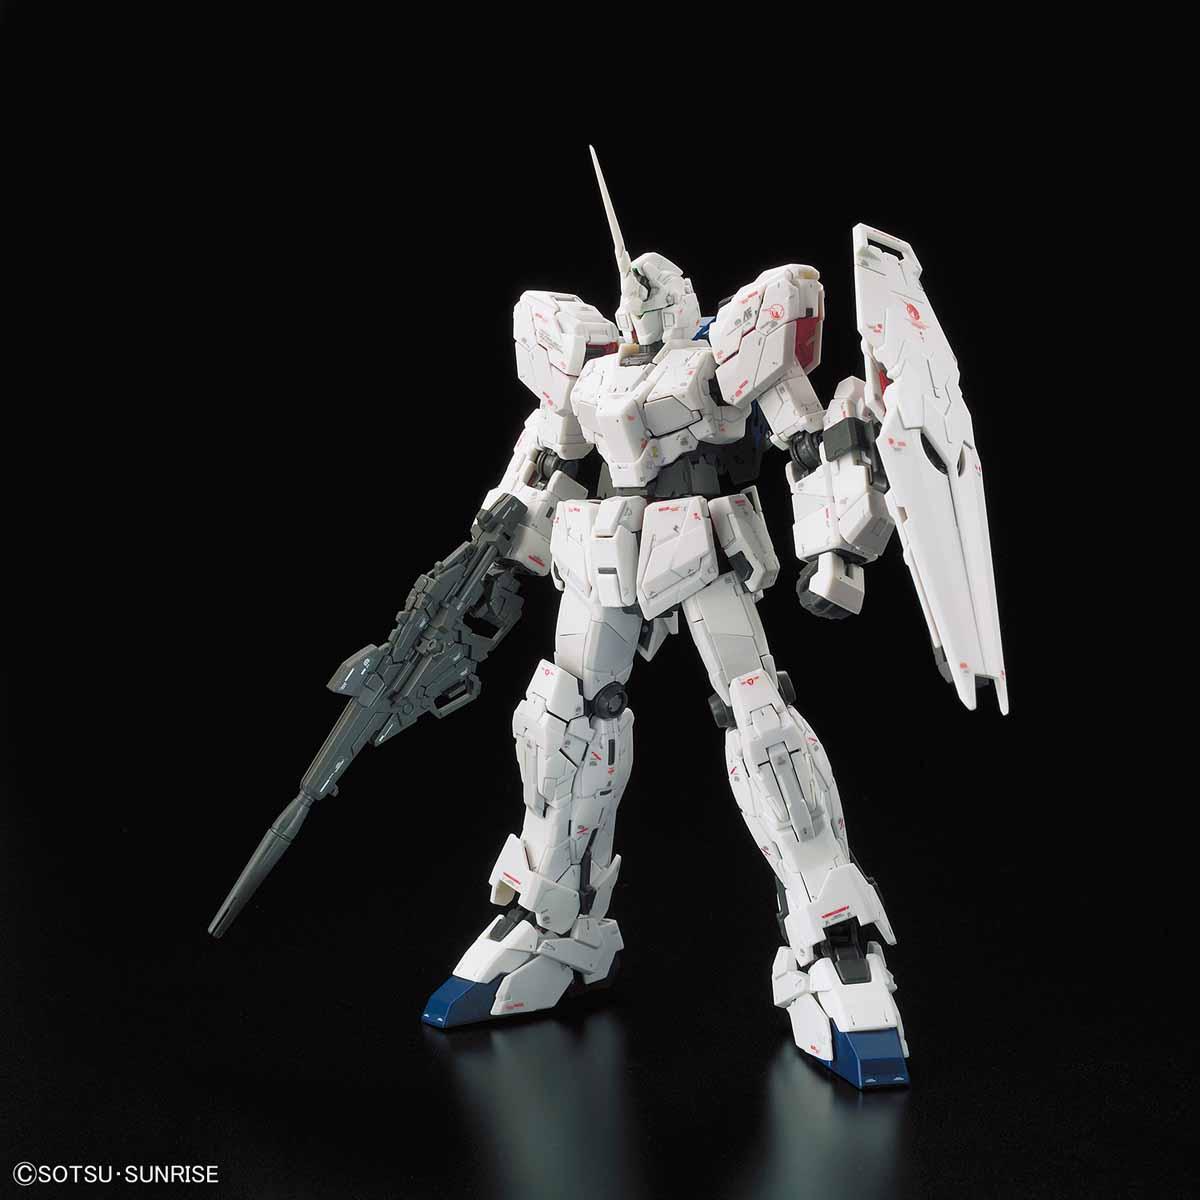 """54023RG 1/144 RX-0 ユニコーンガンダム「プレミアム""""ユニコーンモード""""ボックス」 [Unicorn Gundam [Premium """"Unicorn Mode"""" Box]]"""